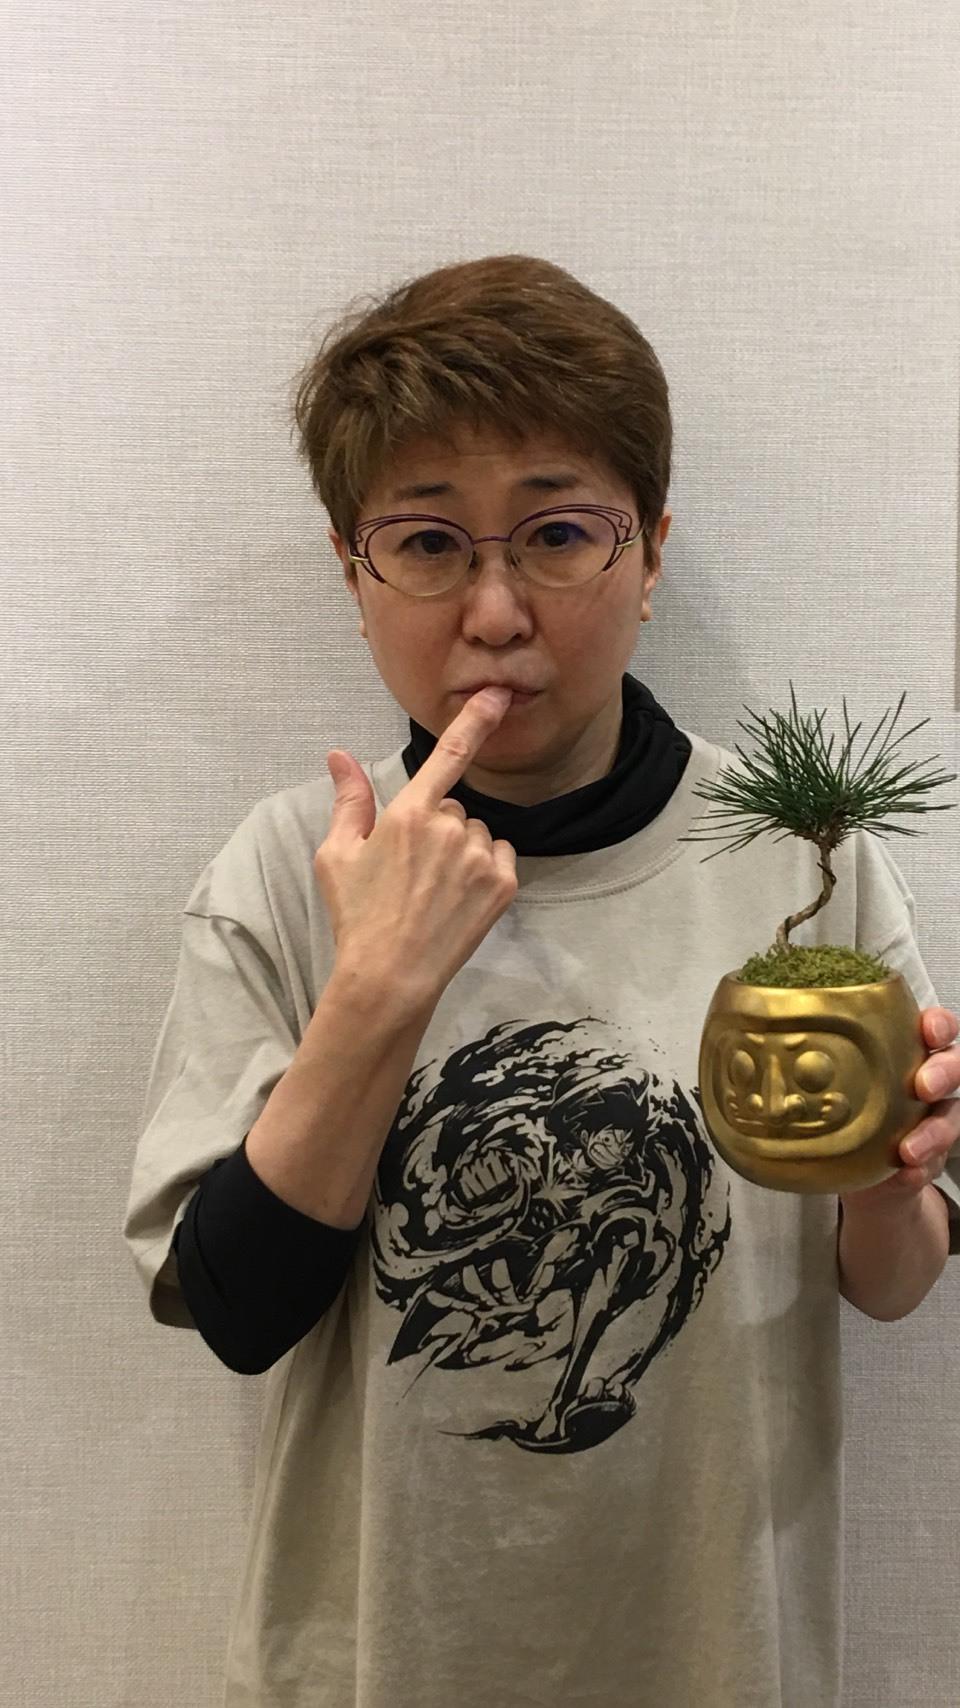 ビッグマム小山茉美ちゃんの誕生会_a0163623_14164279.jpg